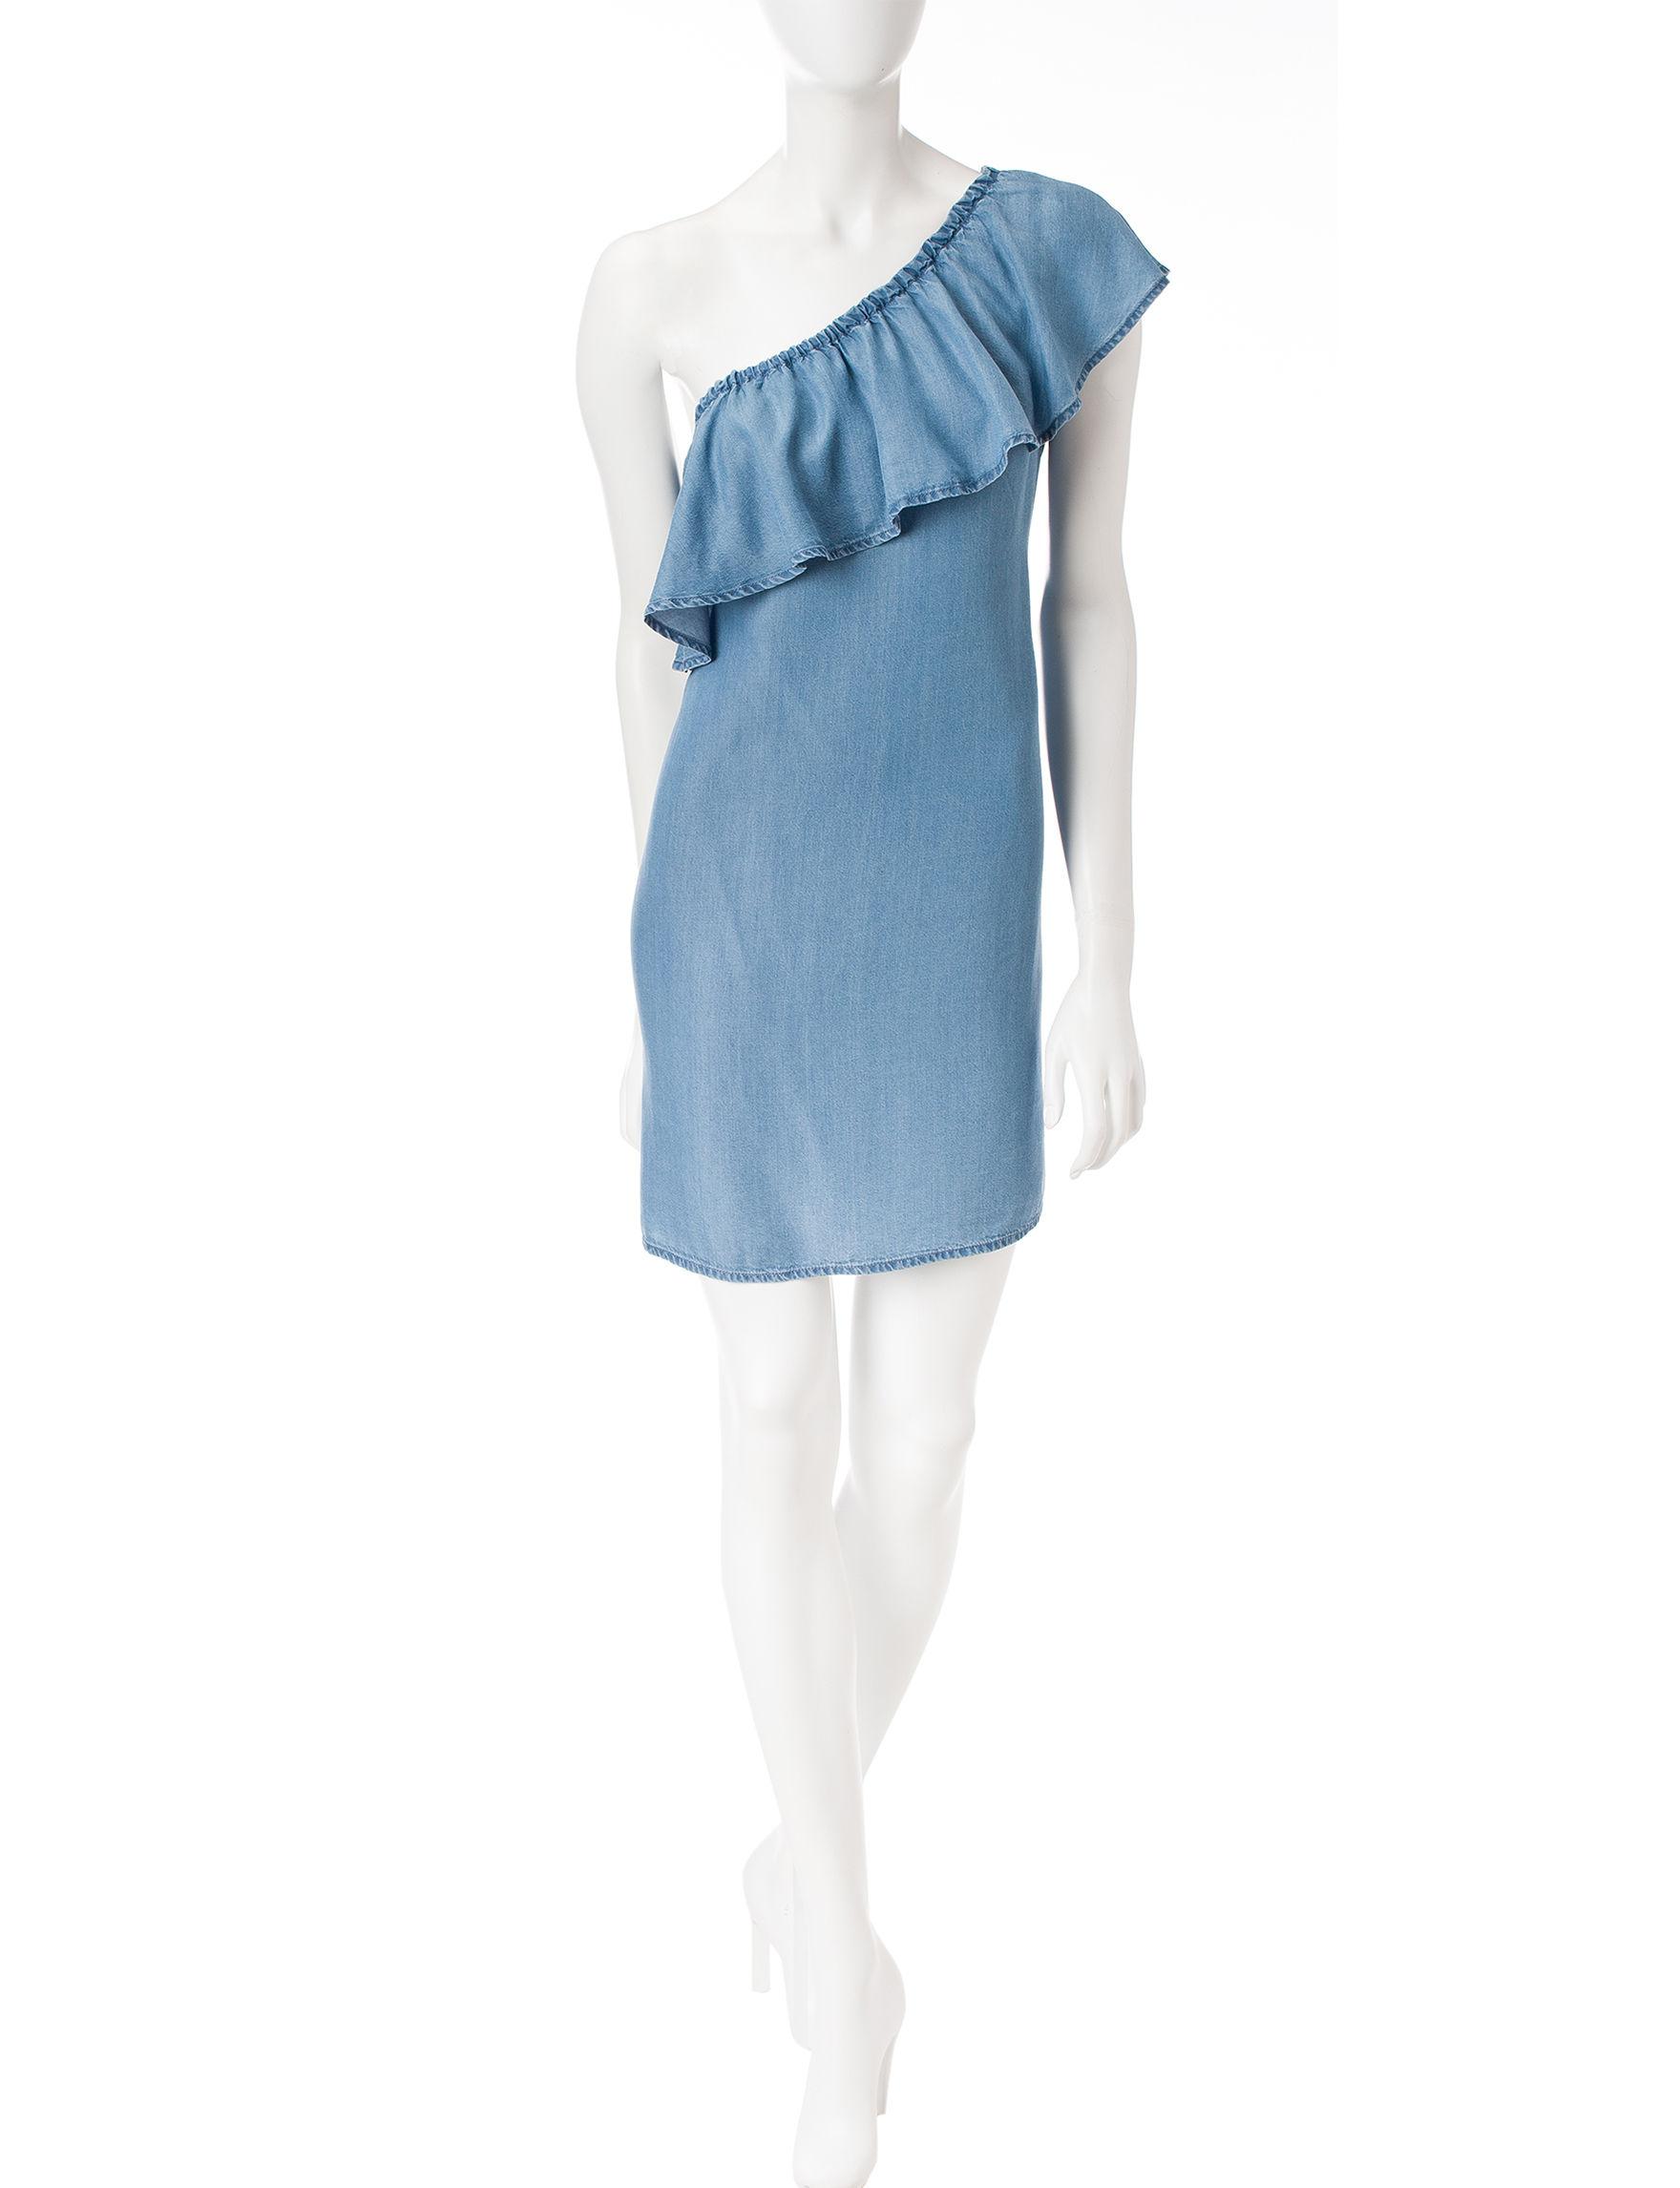 Signature Studio Blue Everyday & Casual Shirt Dresses